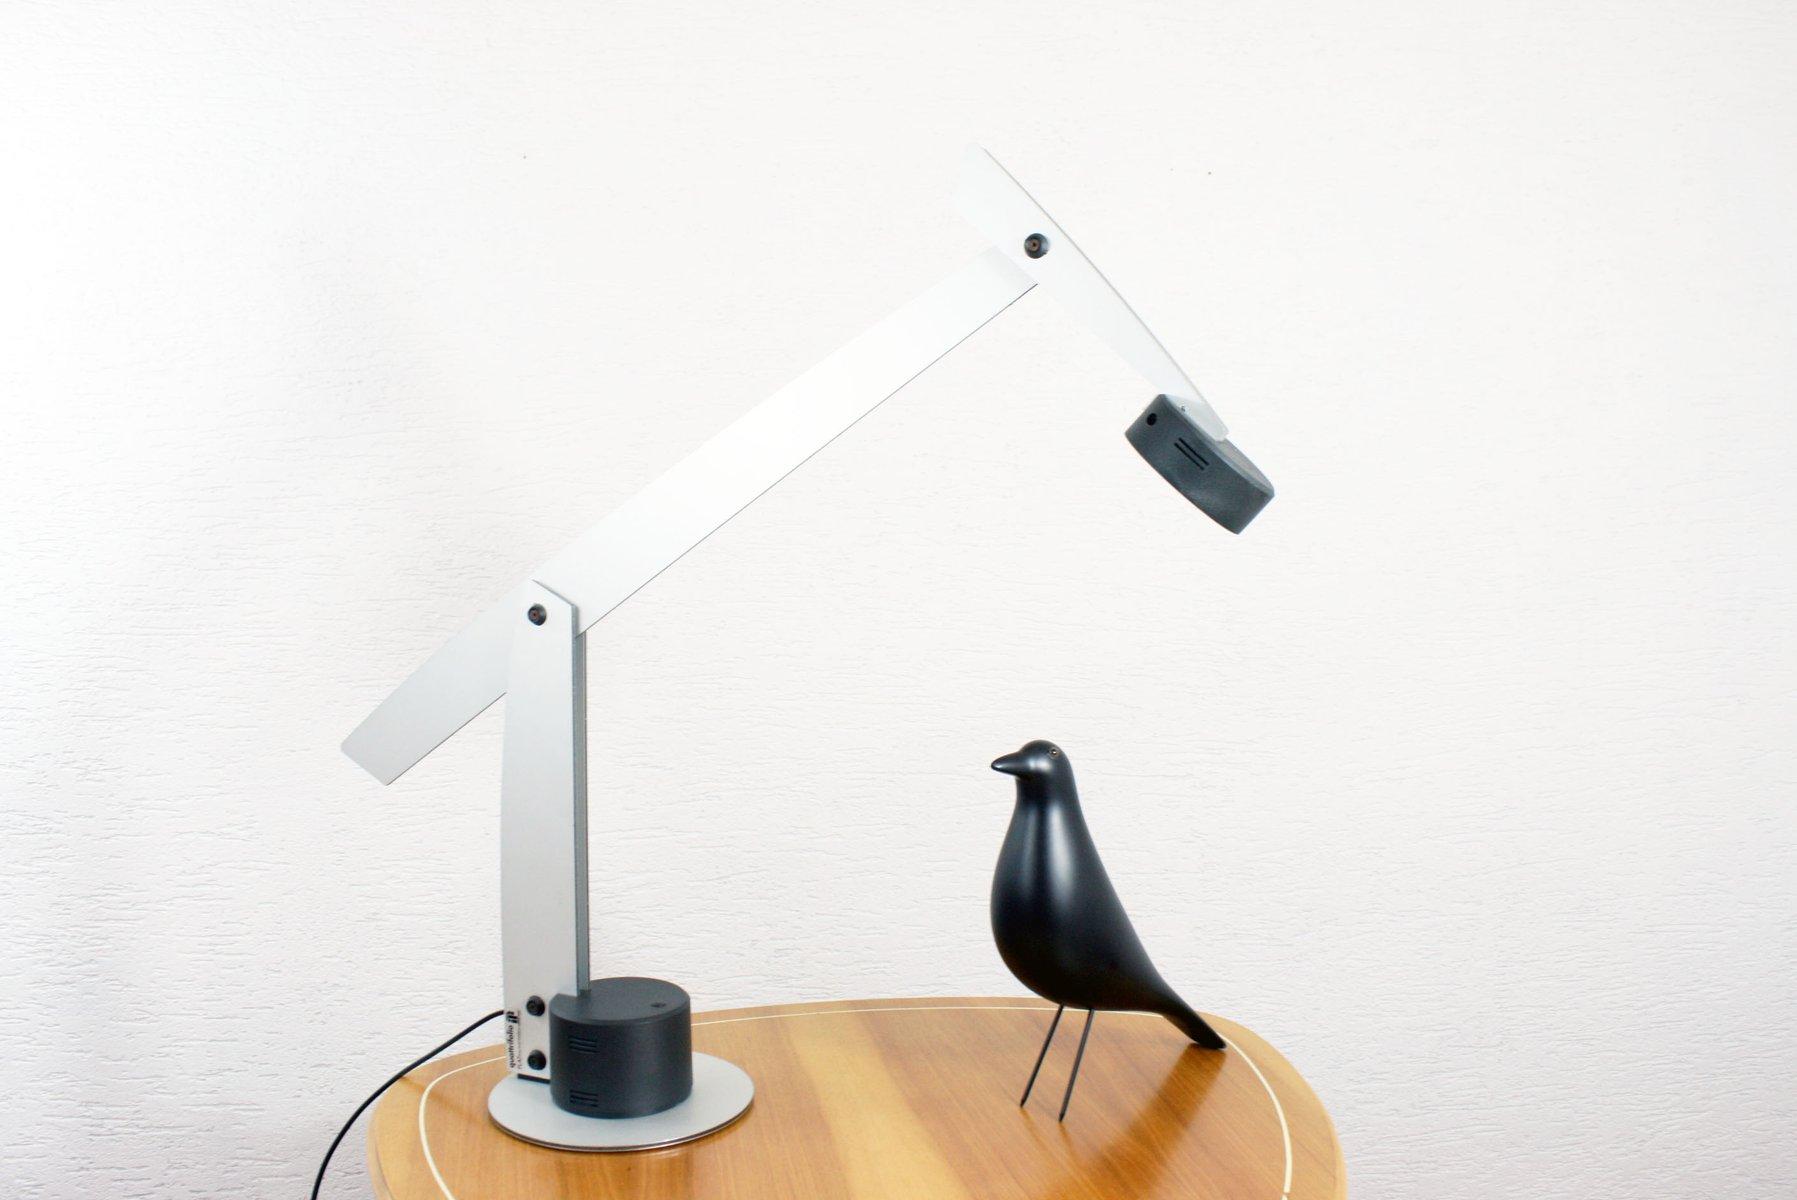 Modell Flat Tischlampe von Ewald Winkelbauer für Quattrifolio, 1995